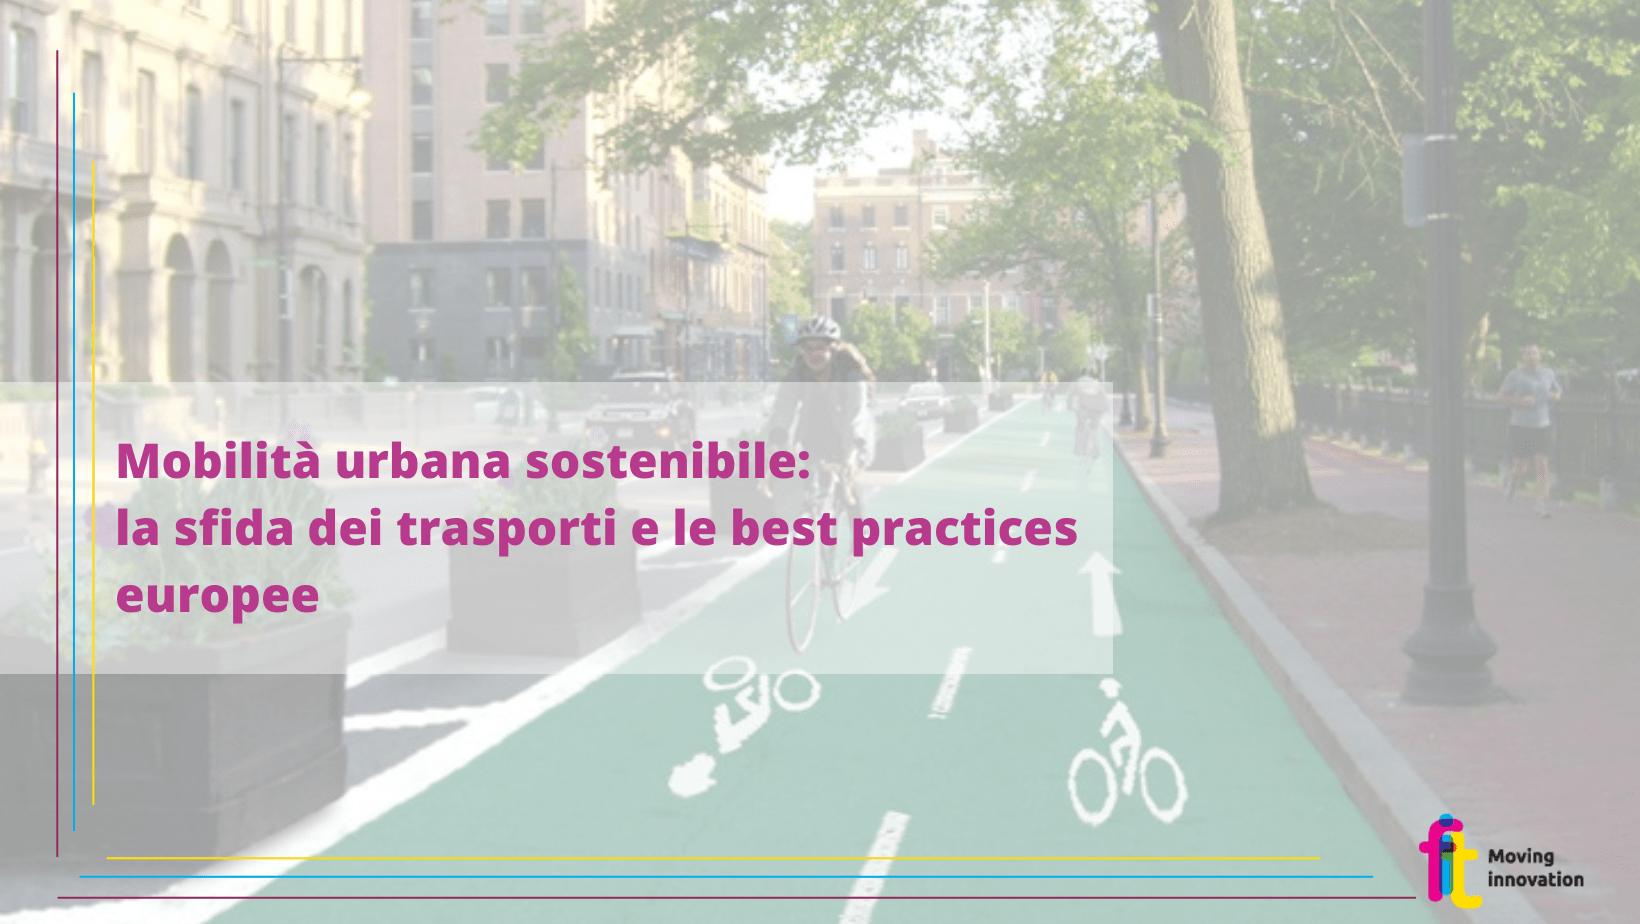 Mobilità urbana e sostenibilità: le best practices europee e la sfida dei trasporti